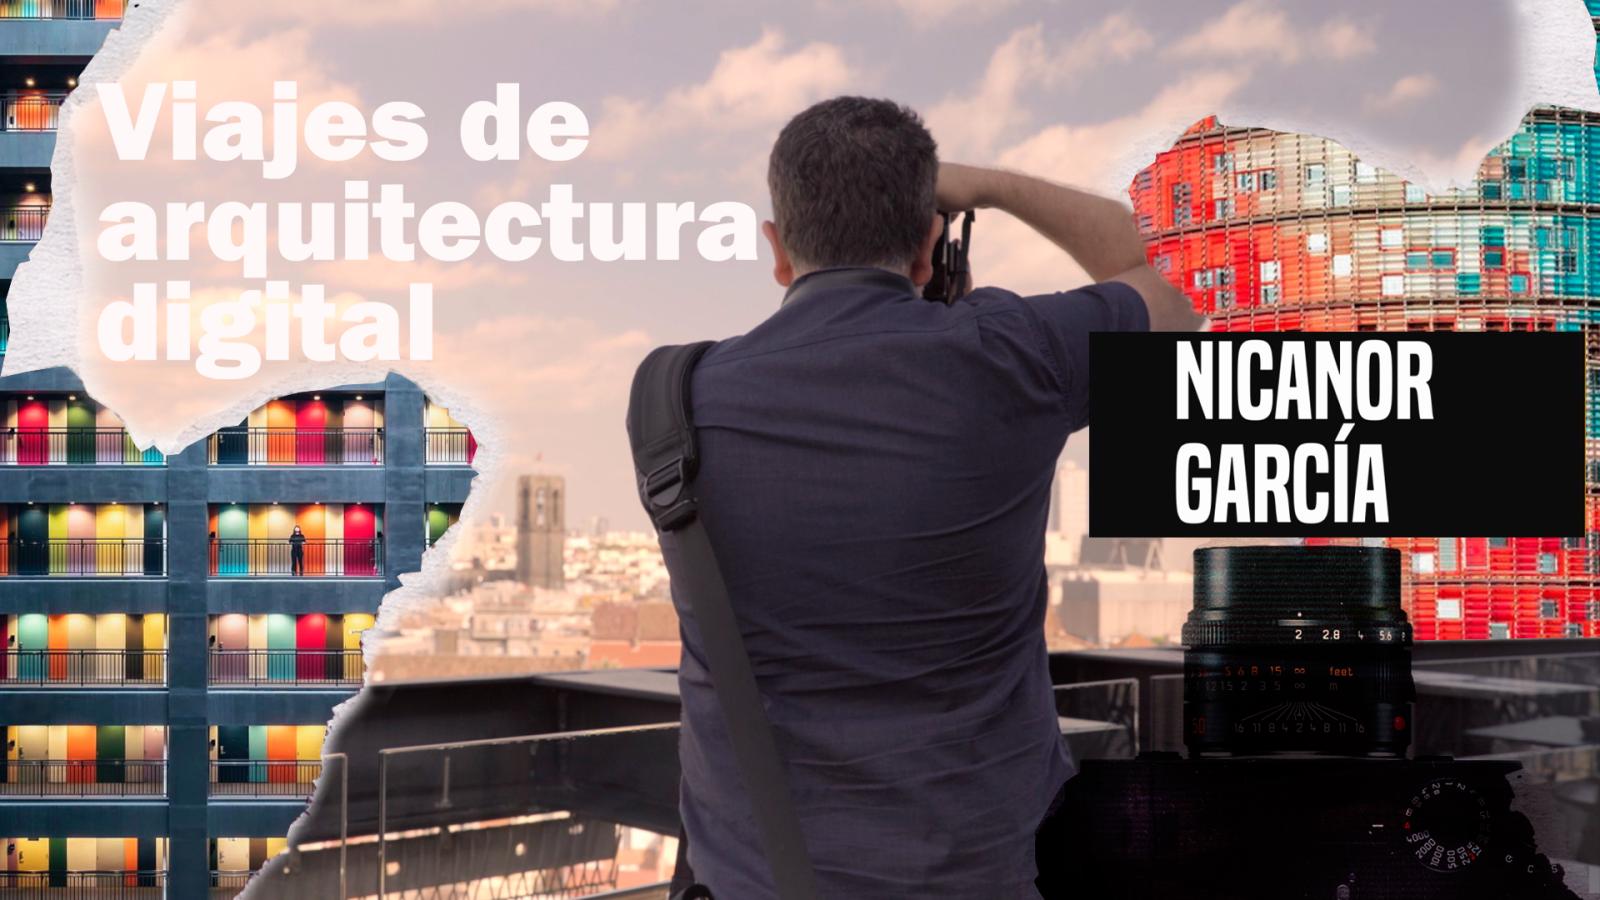 Generación Instantánea - Nicanor García: viajes de Arquitectura digital